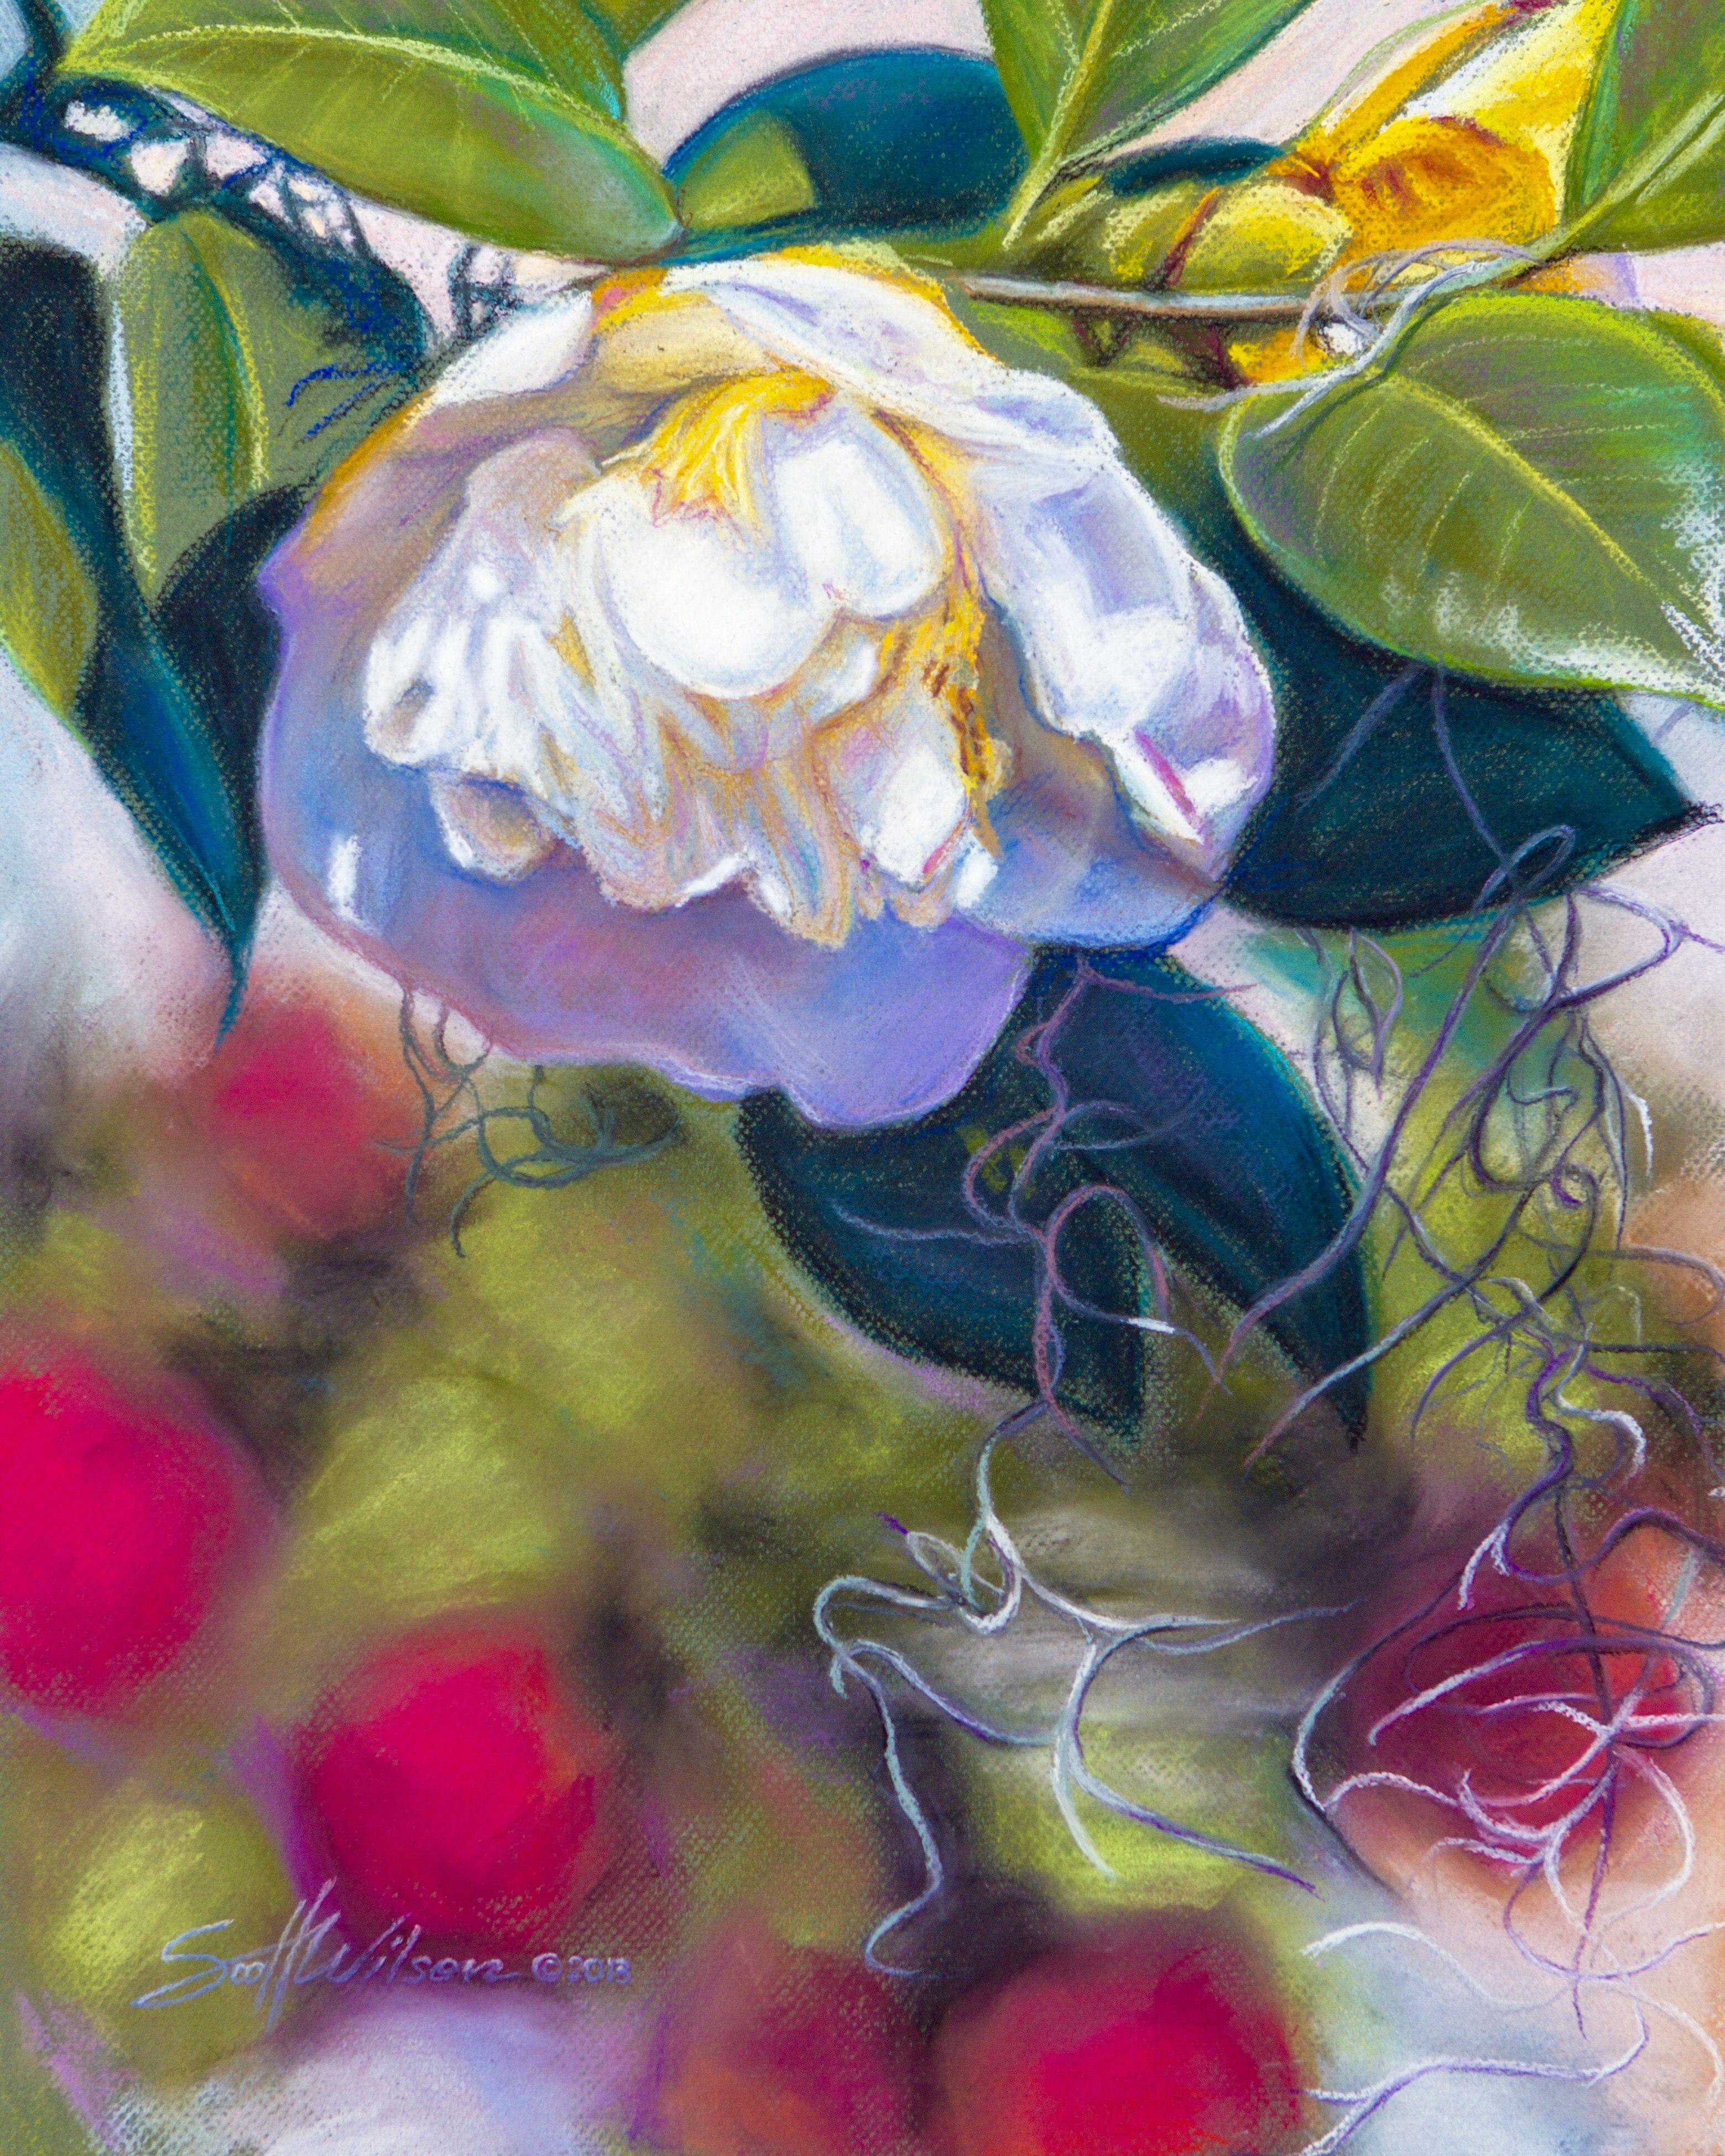 Pastel Artist Scott Wilson